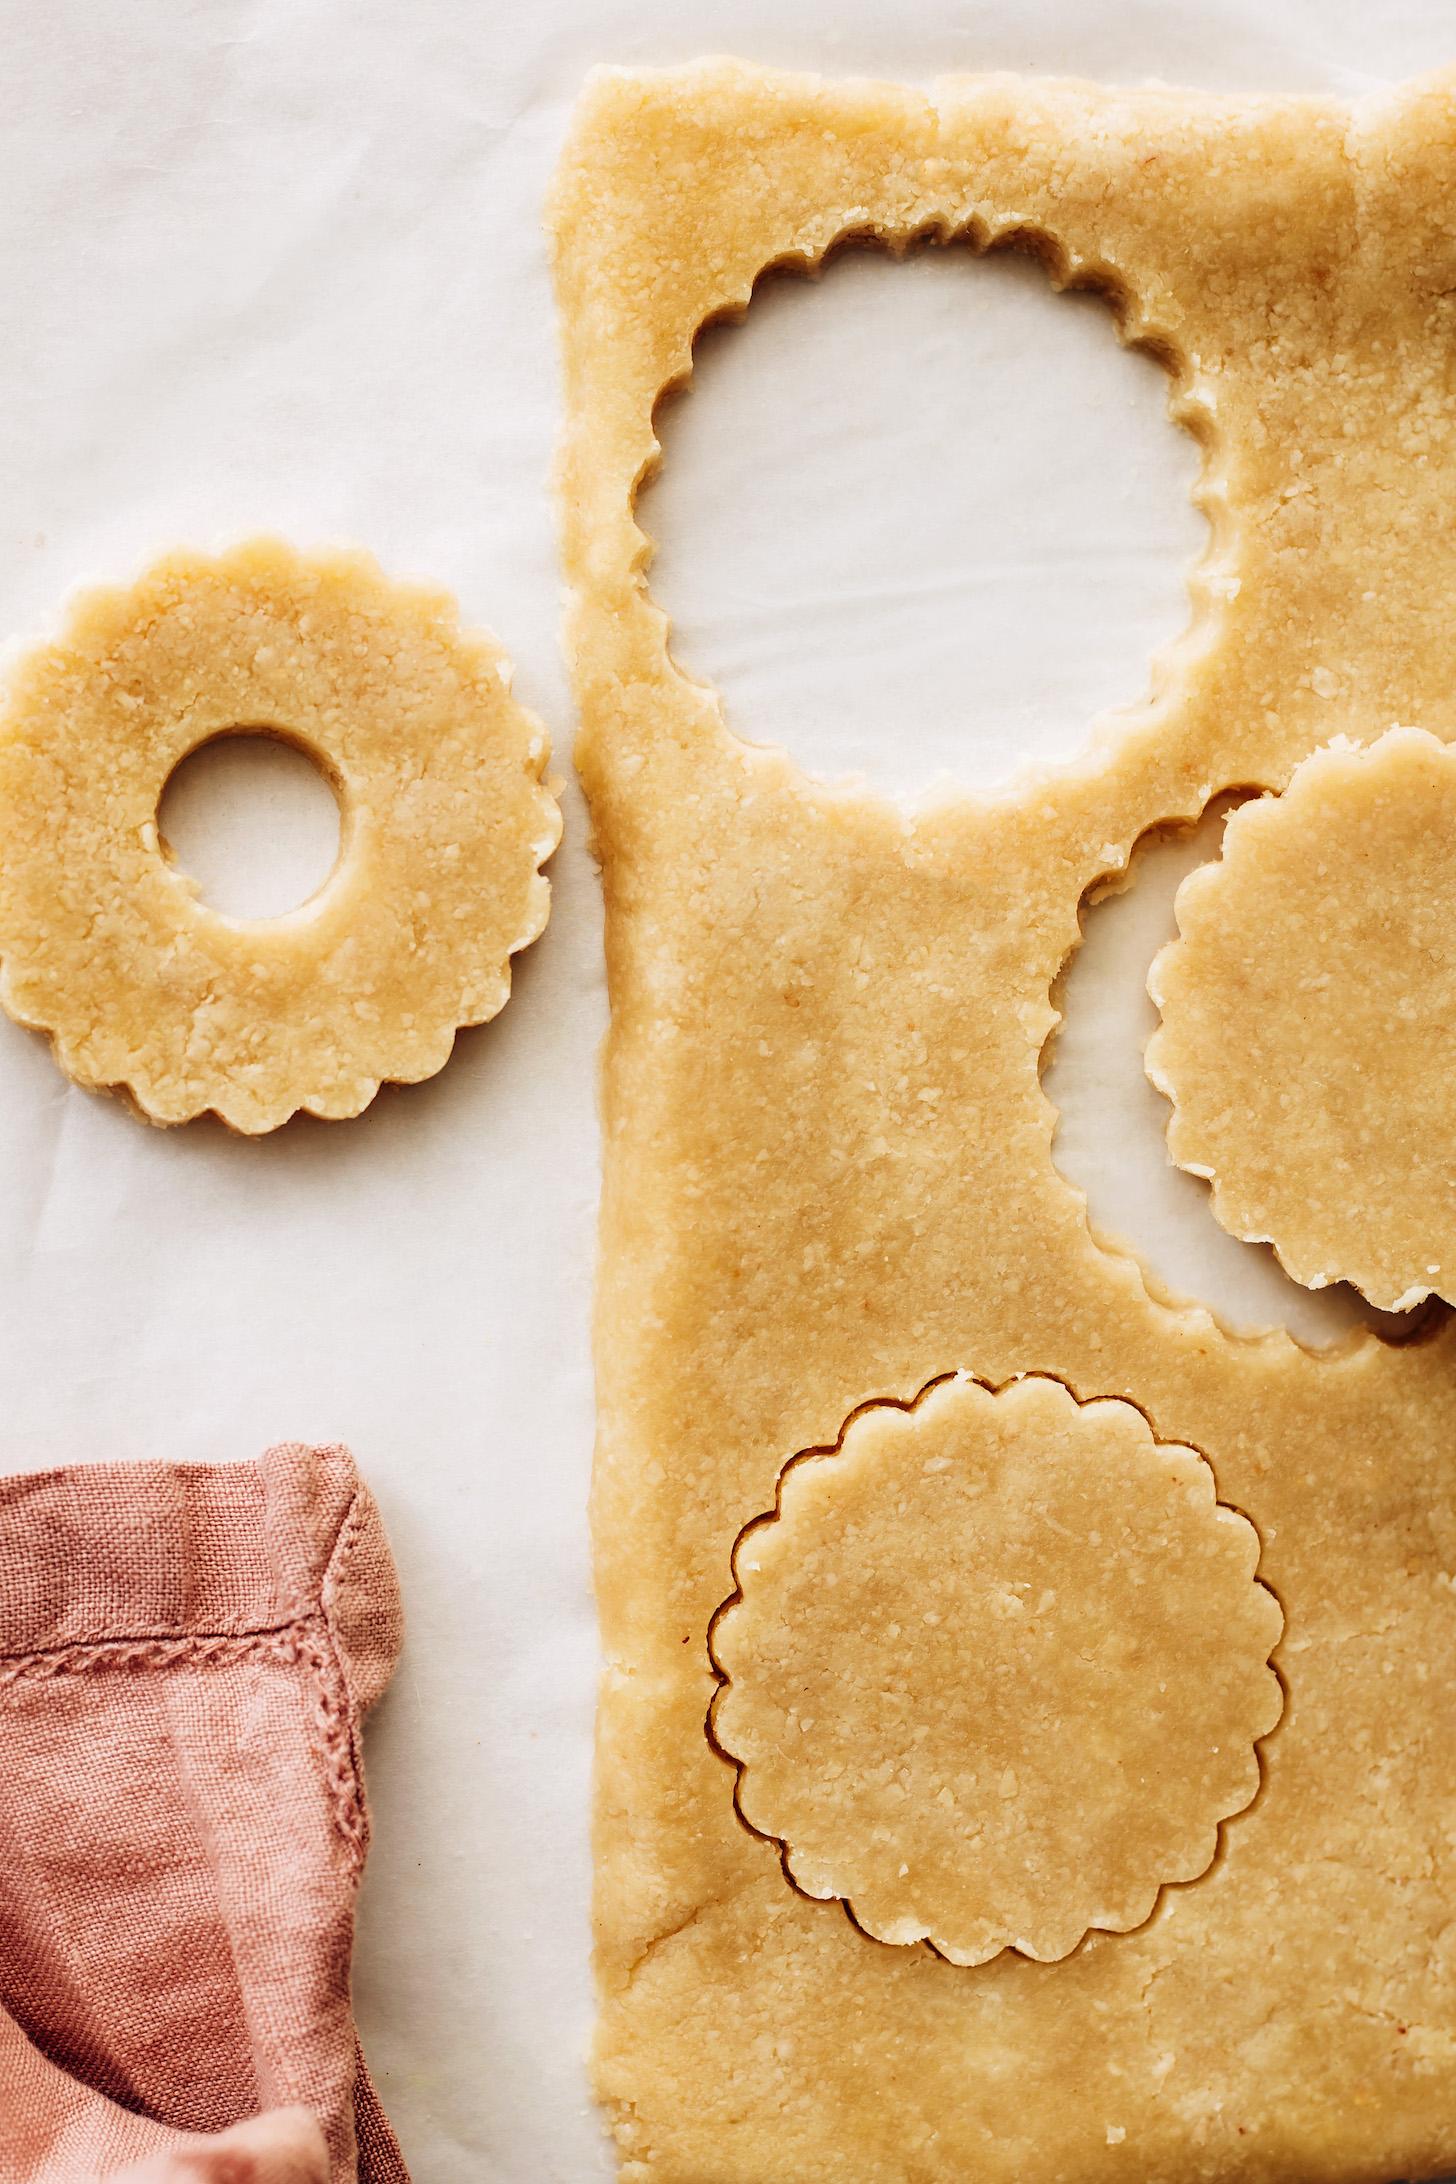 Pâte à biscuits roulée coupée avec un emporte-pièce